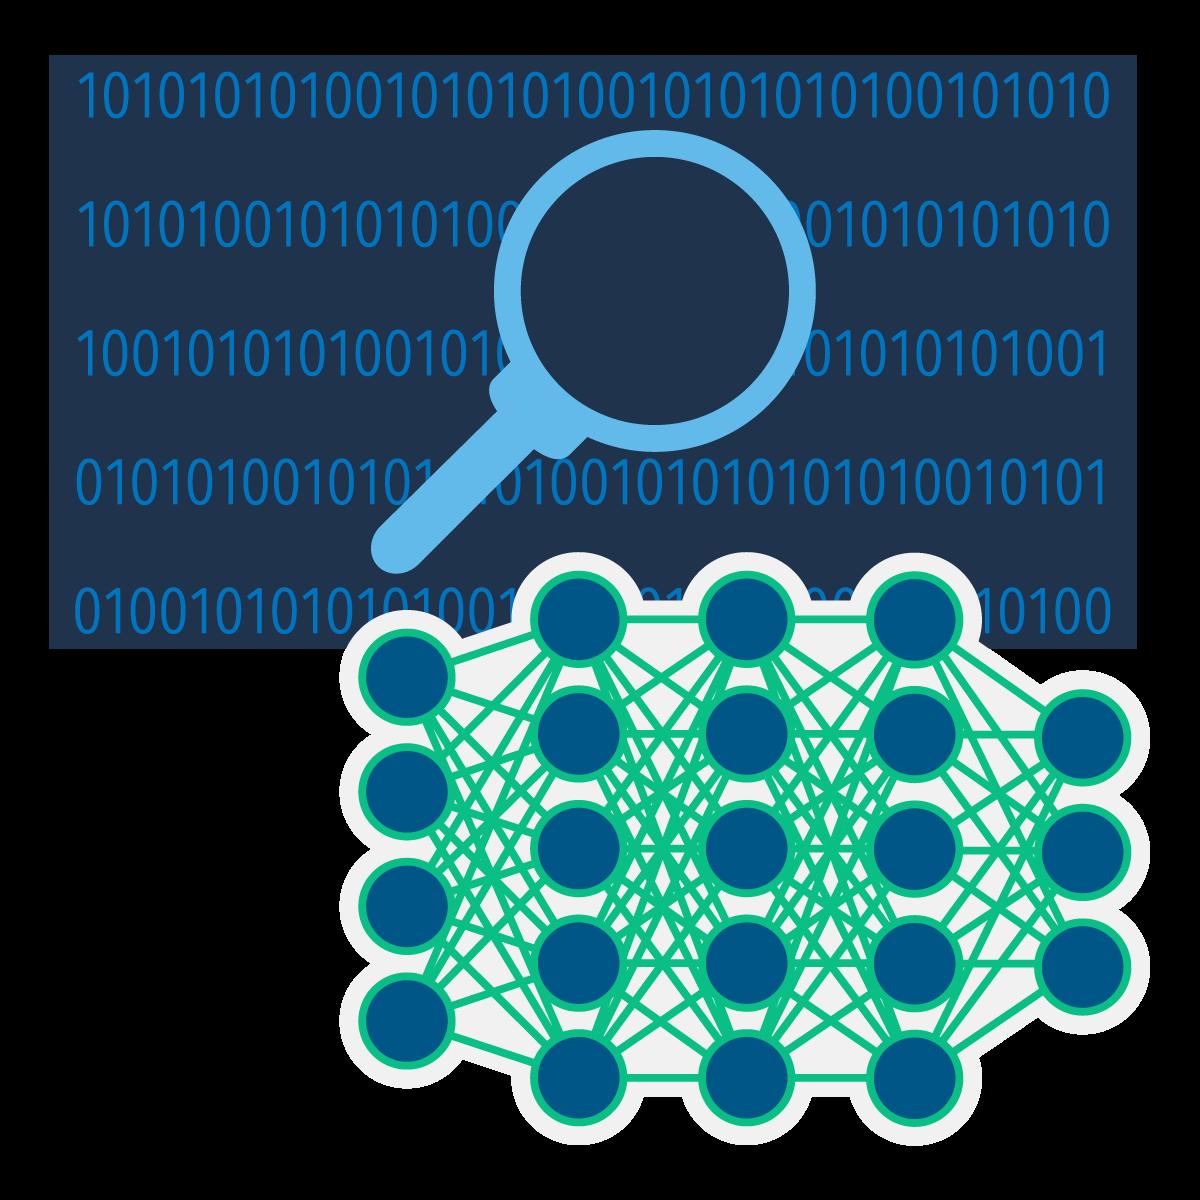 SAS i NVIDIA ogłaszają współpracę w zakresie rozwoju technologii deep learning i computer vison